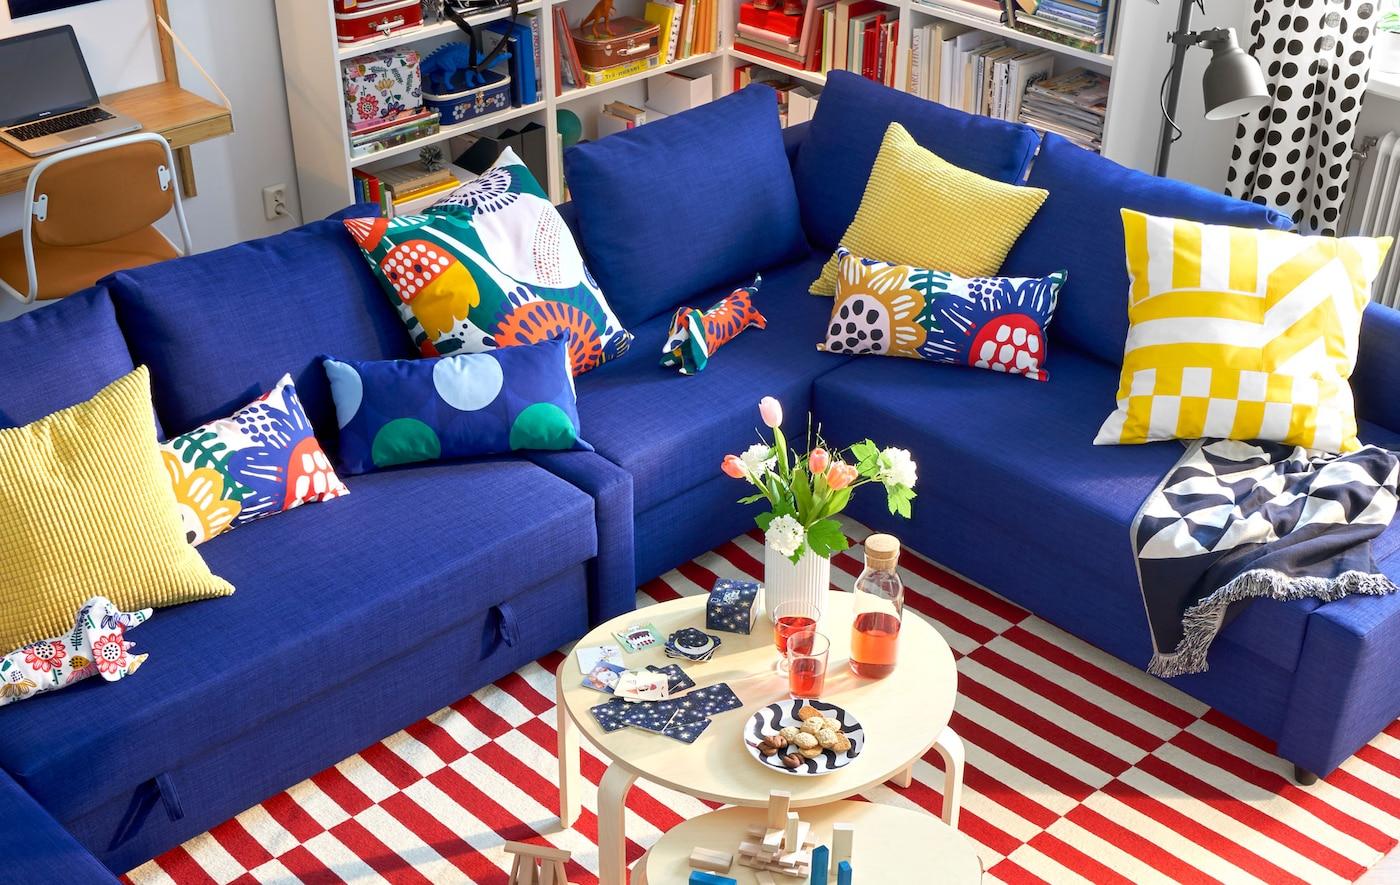 Plava ugaona sofa sa šarenim jastučićima, dva okrugla stočića za kafu i prugastim tepihom.